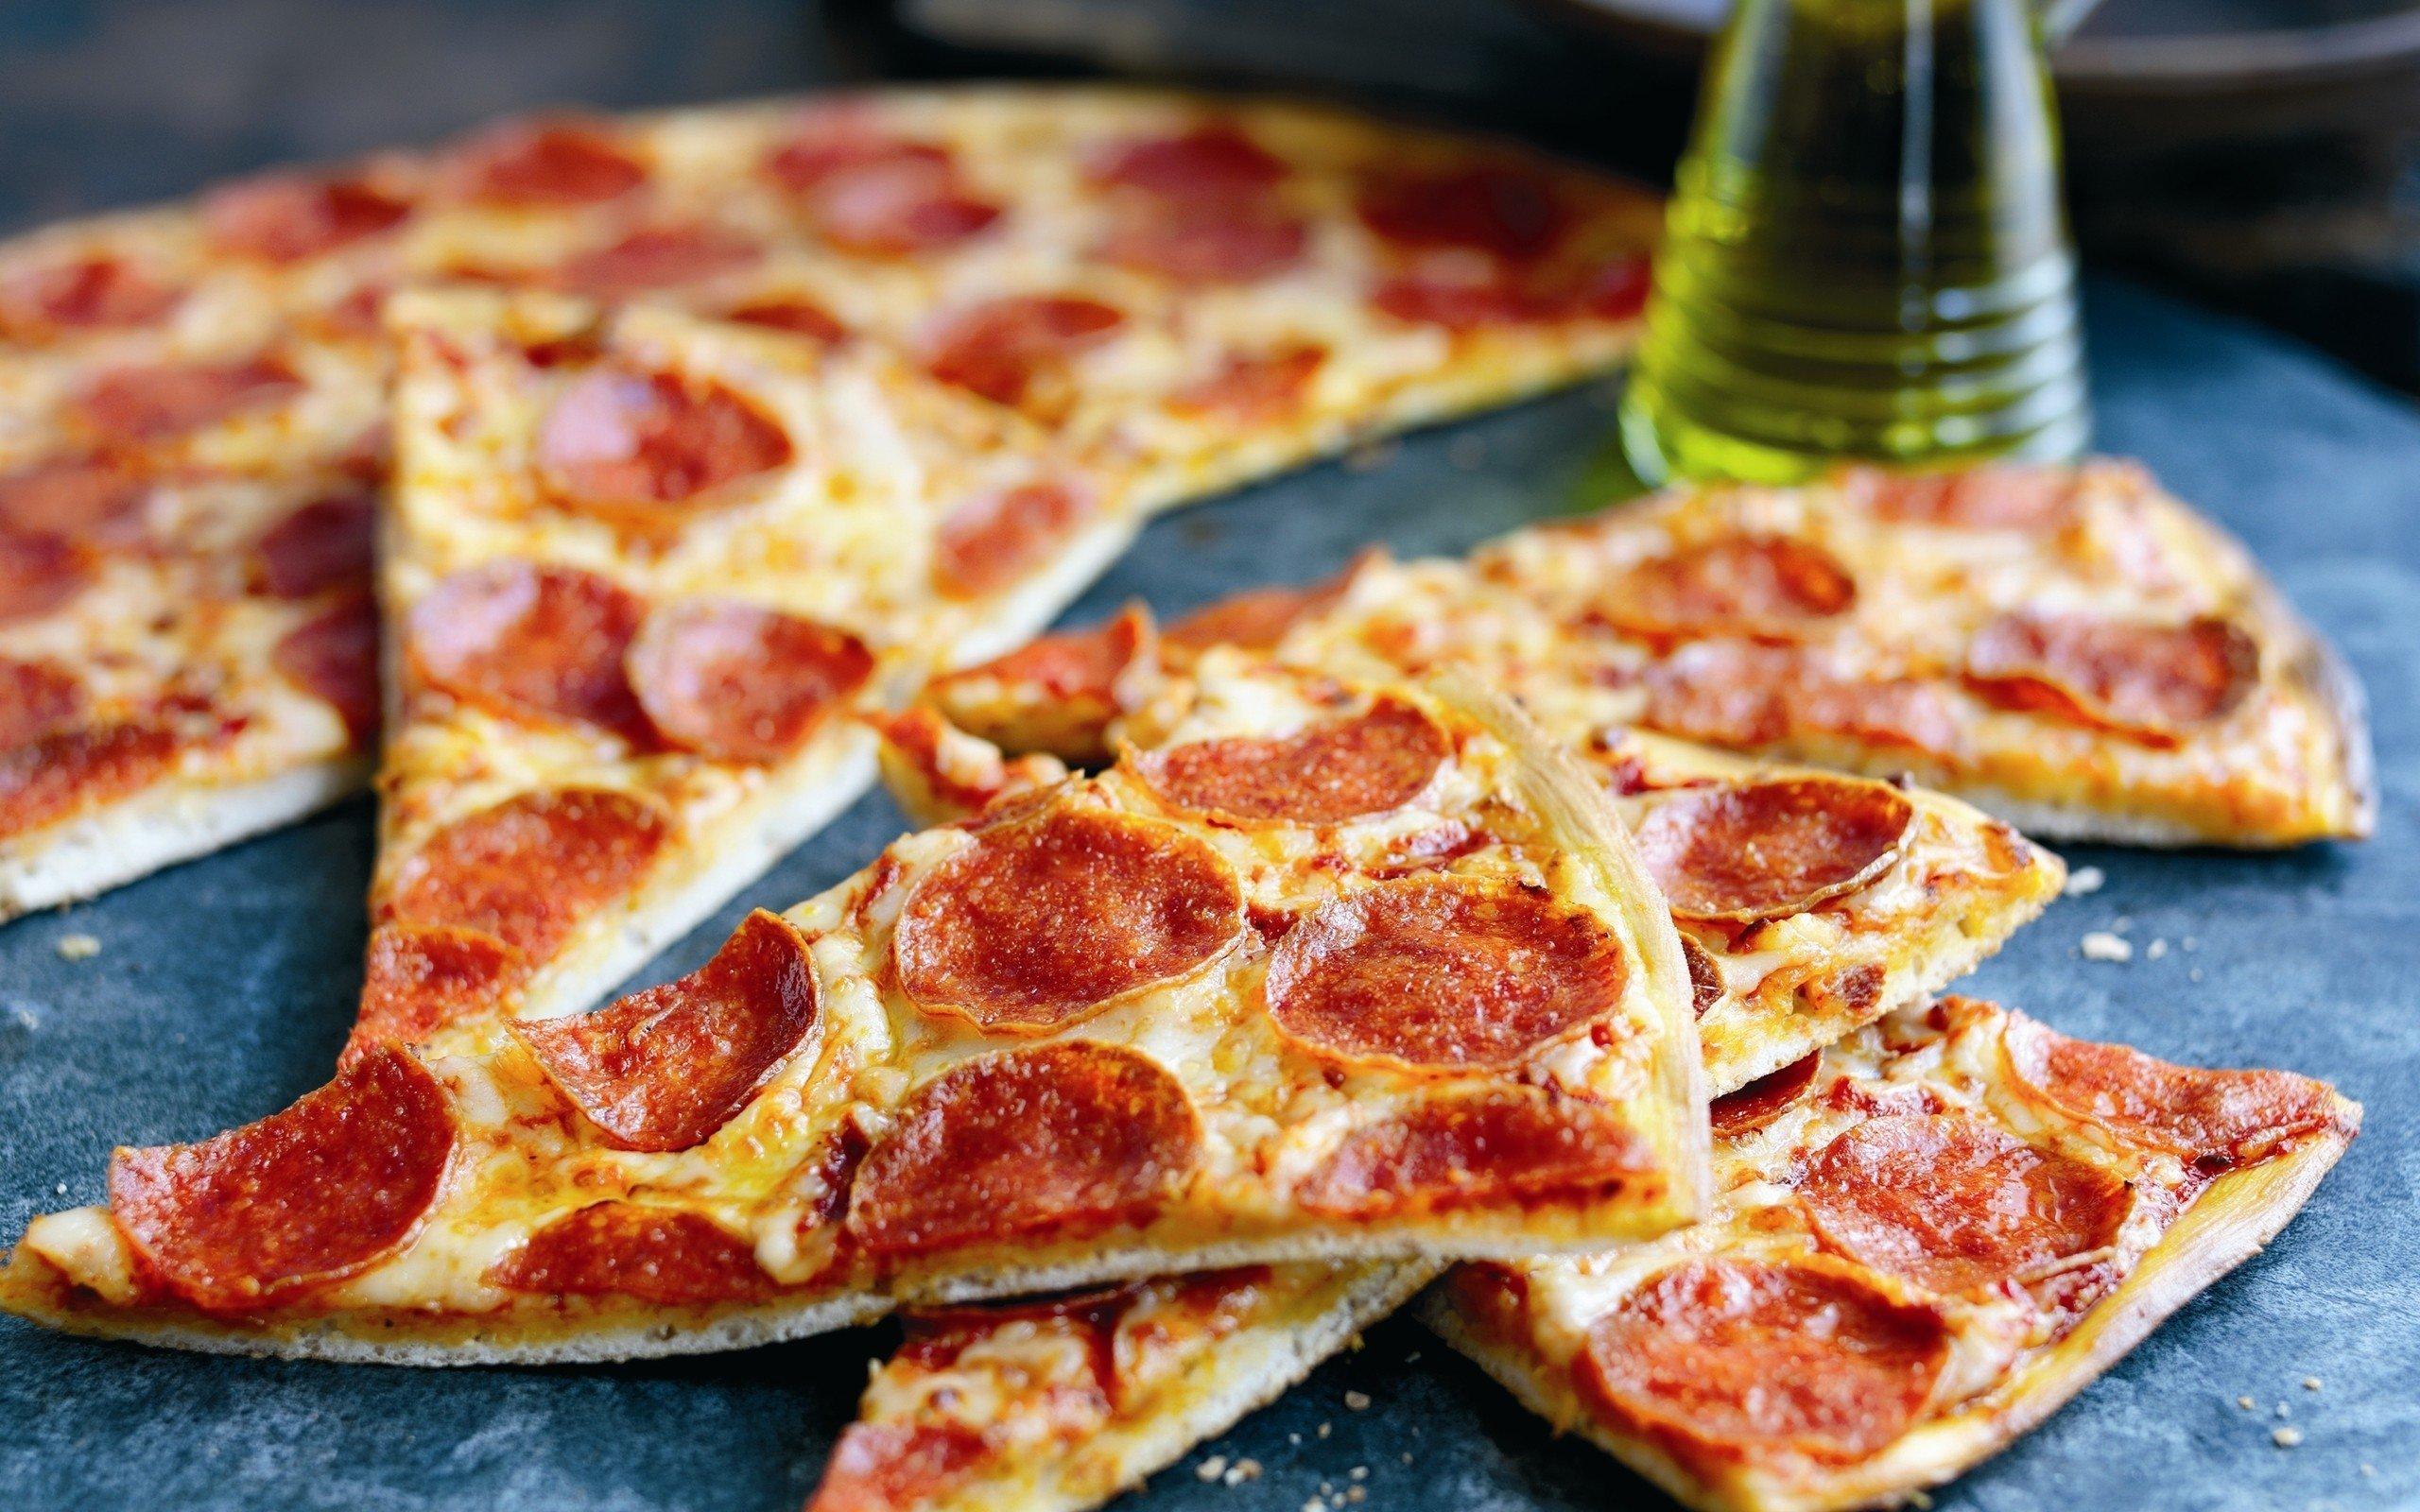 2560x1600 px món ăn pizza xúc xích Ý